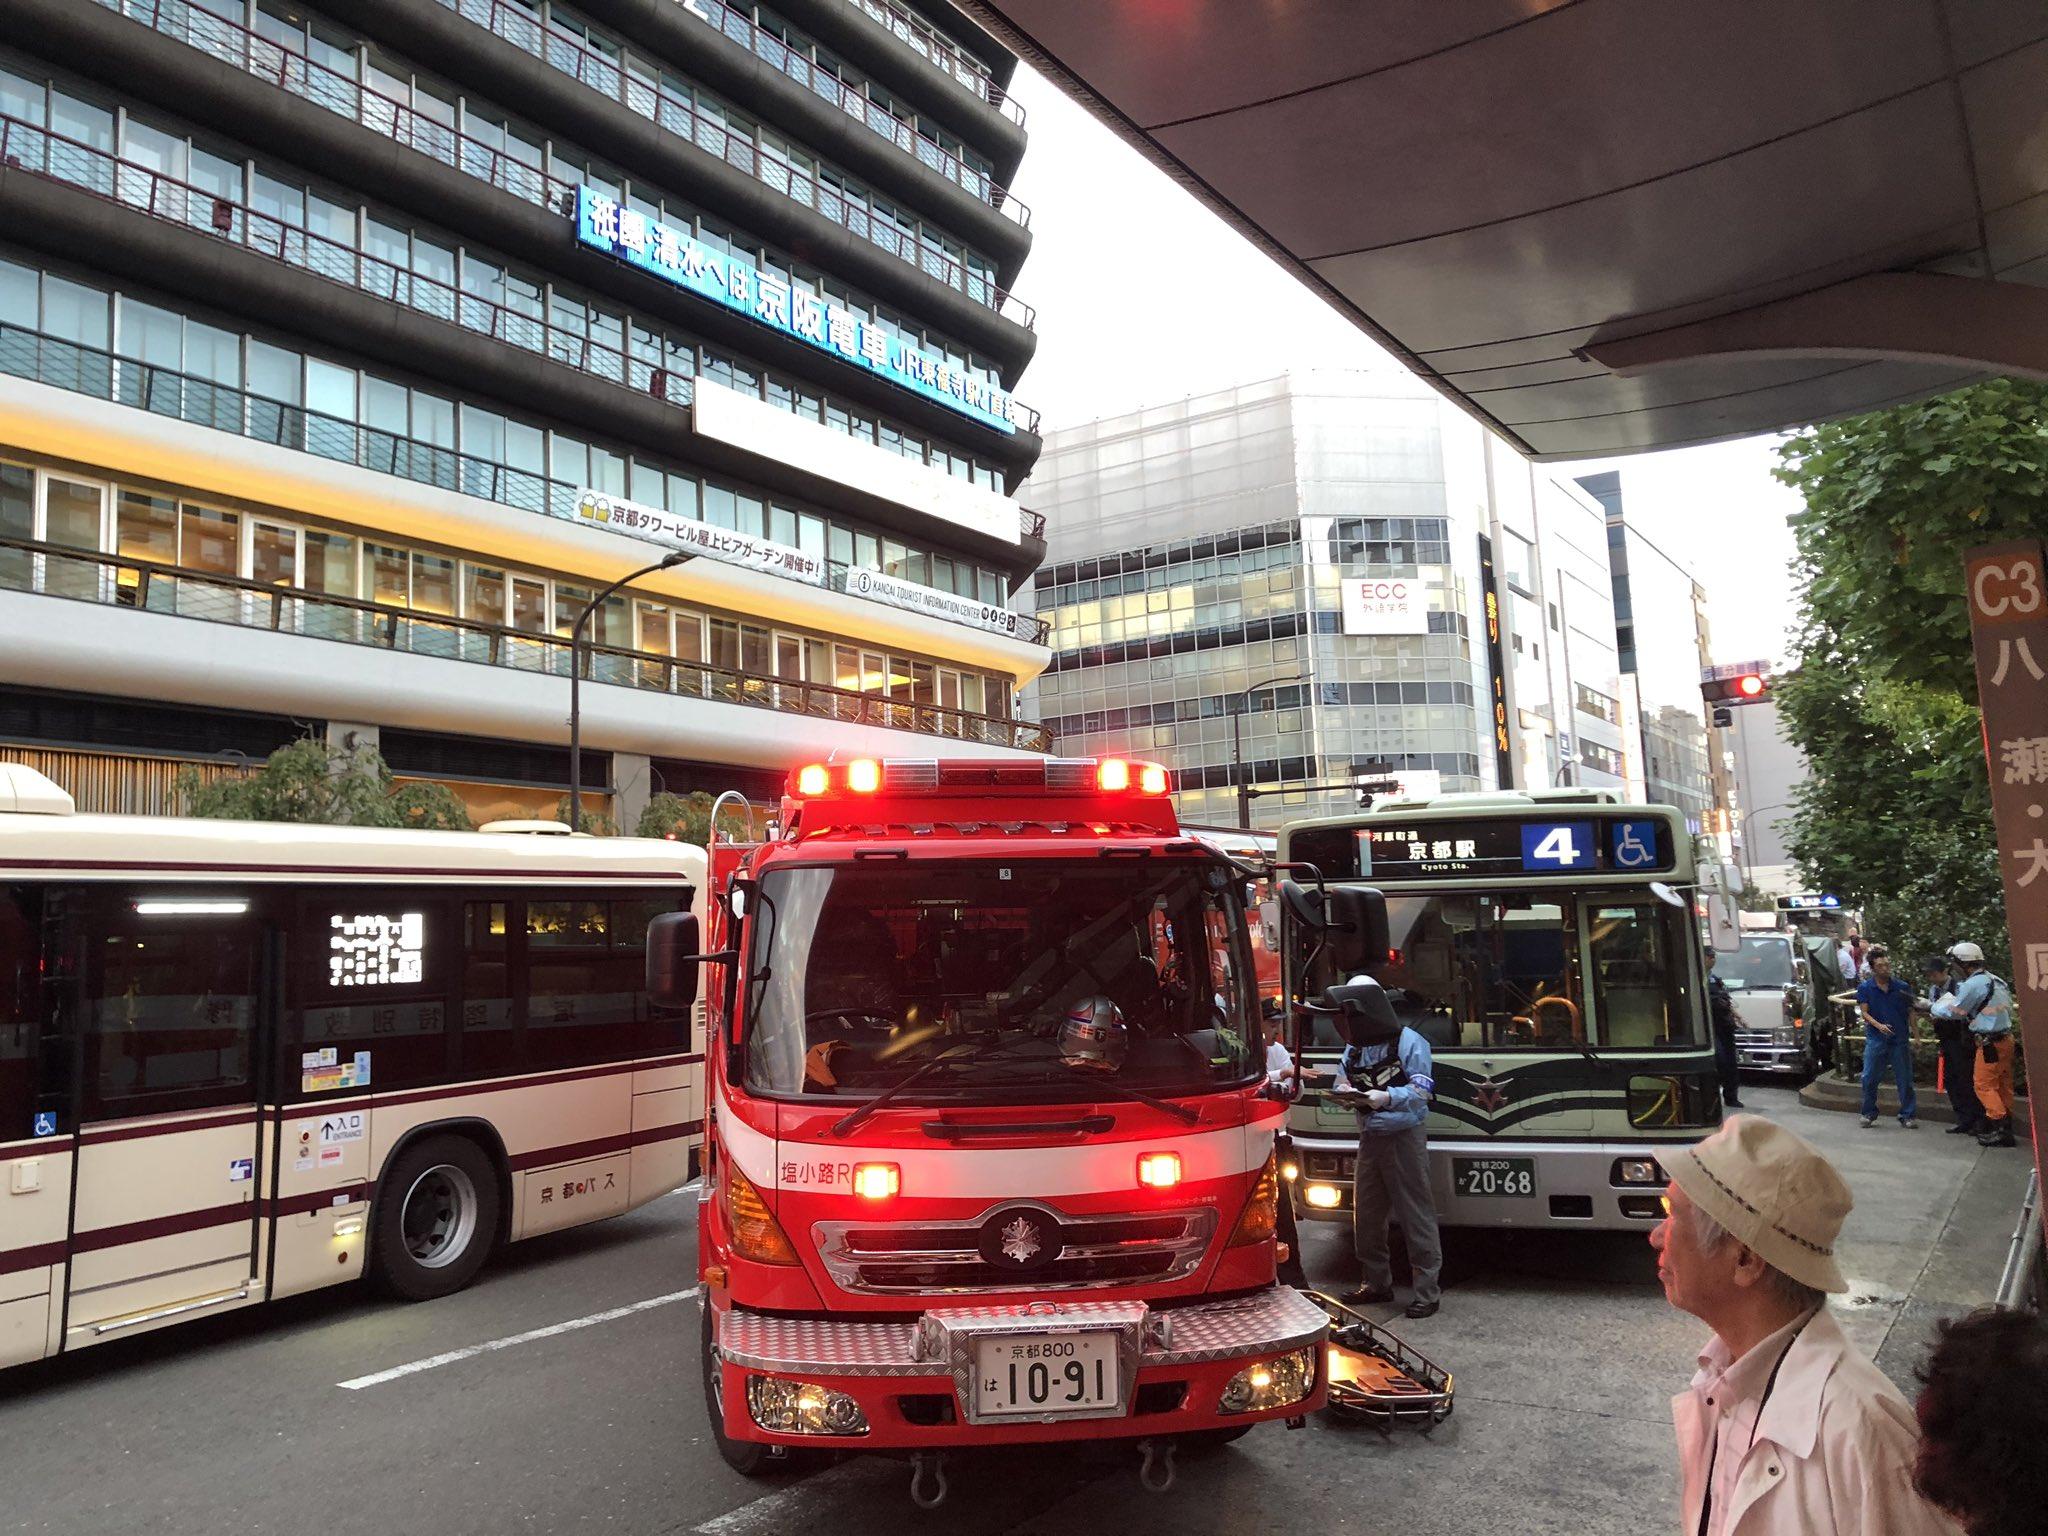 京都駅で市営バスが接触事故を起こした現場の画像